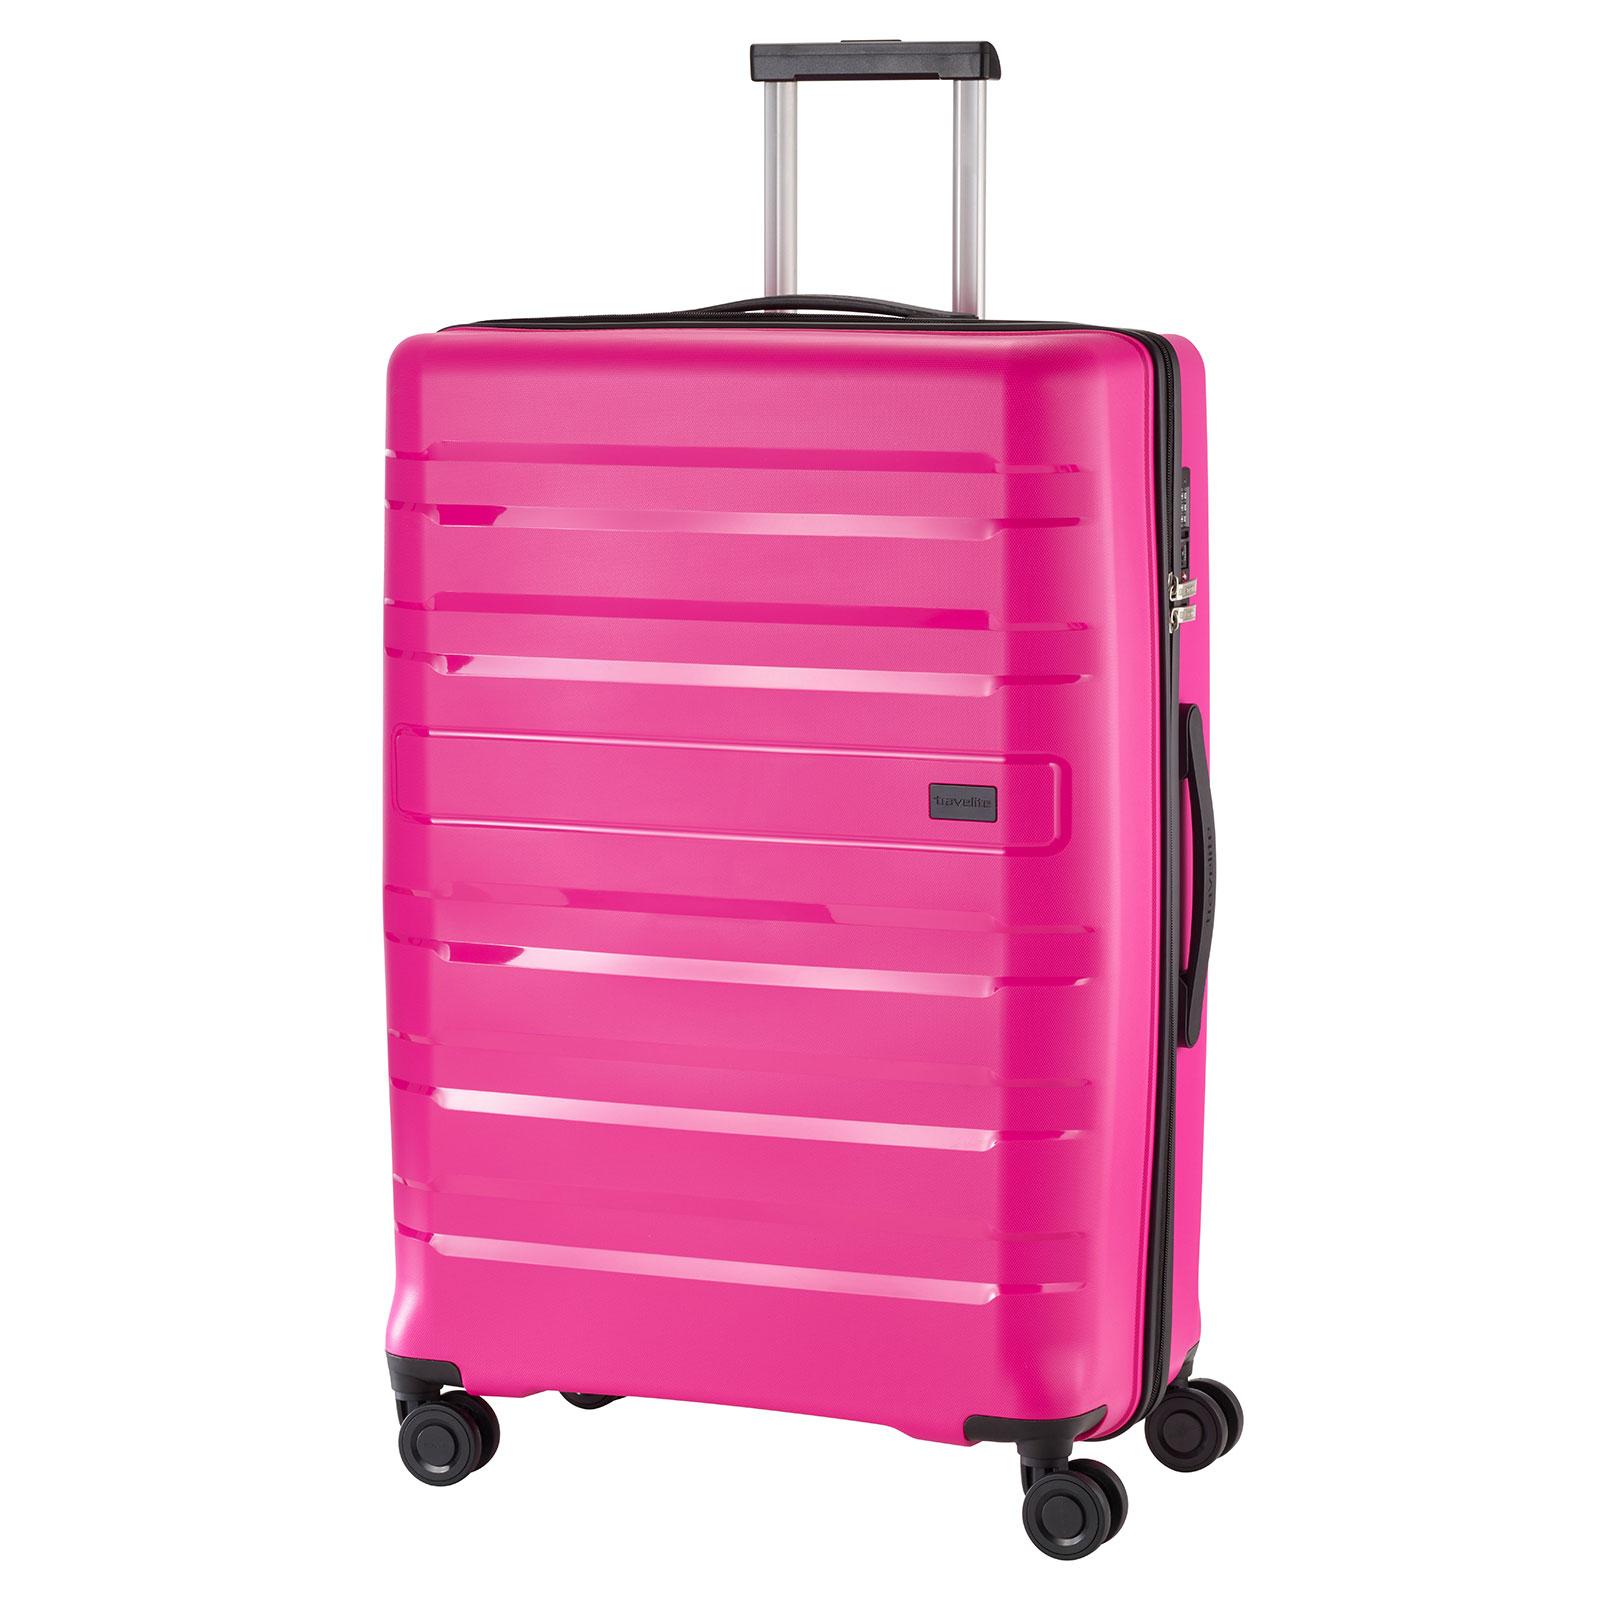 travelite kosmos trolley 77 cm 4 rollen g nstig kaufen koffermarkt. Black Bedroom Furniture Sets. Home Design Ideas